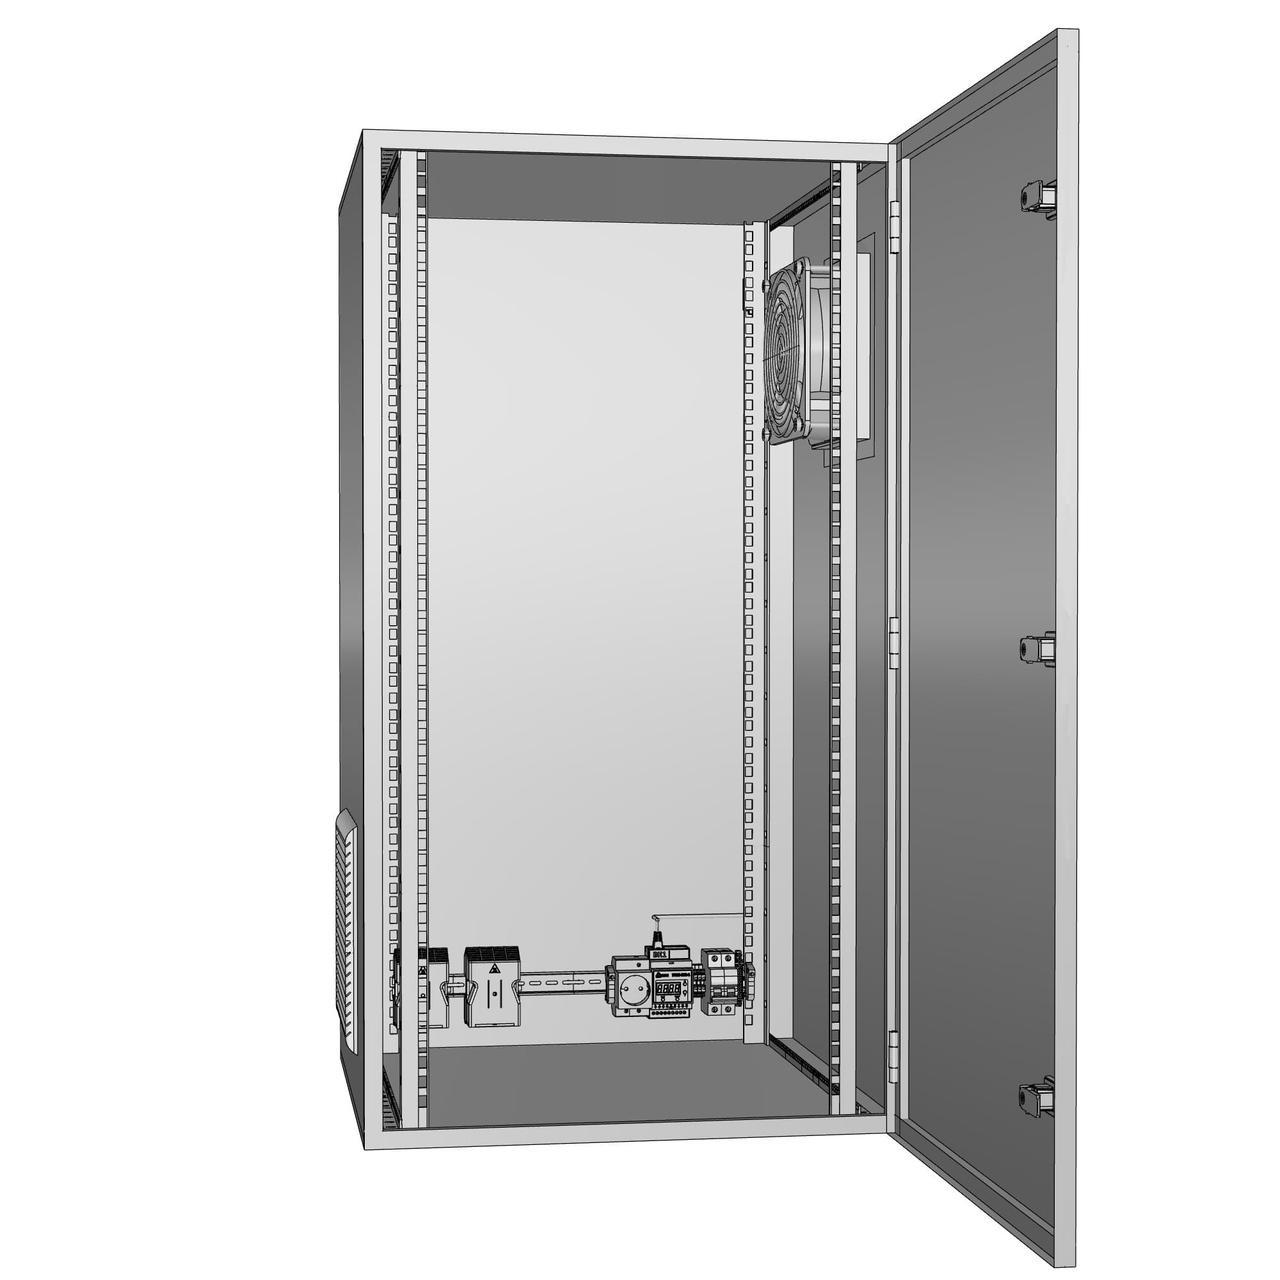 Щит климатический утеплённый с обогревом ЩКу- О- 1 - 400×300×200 (В×Ш×Г) IP65